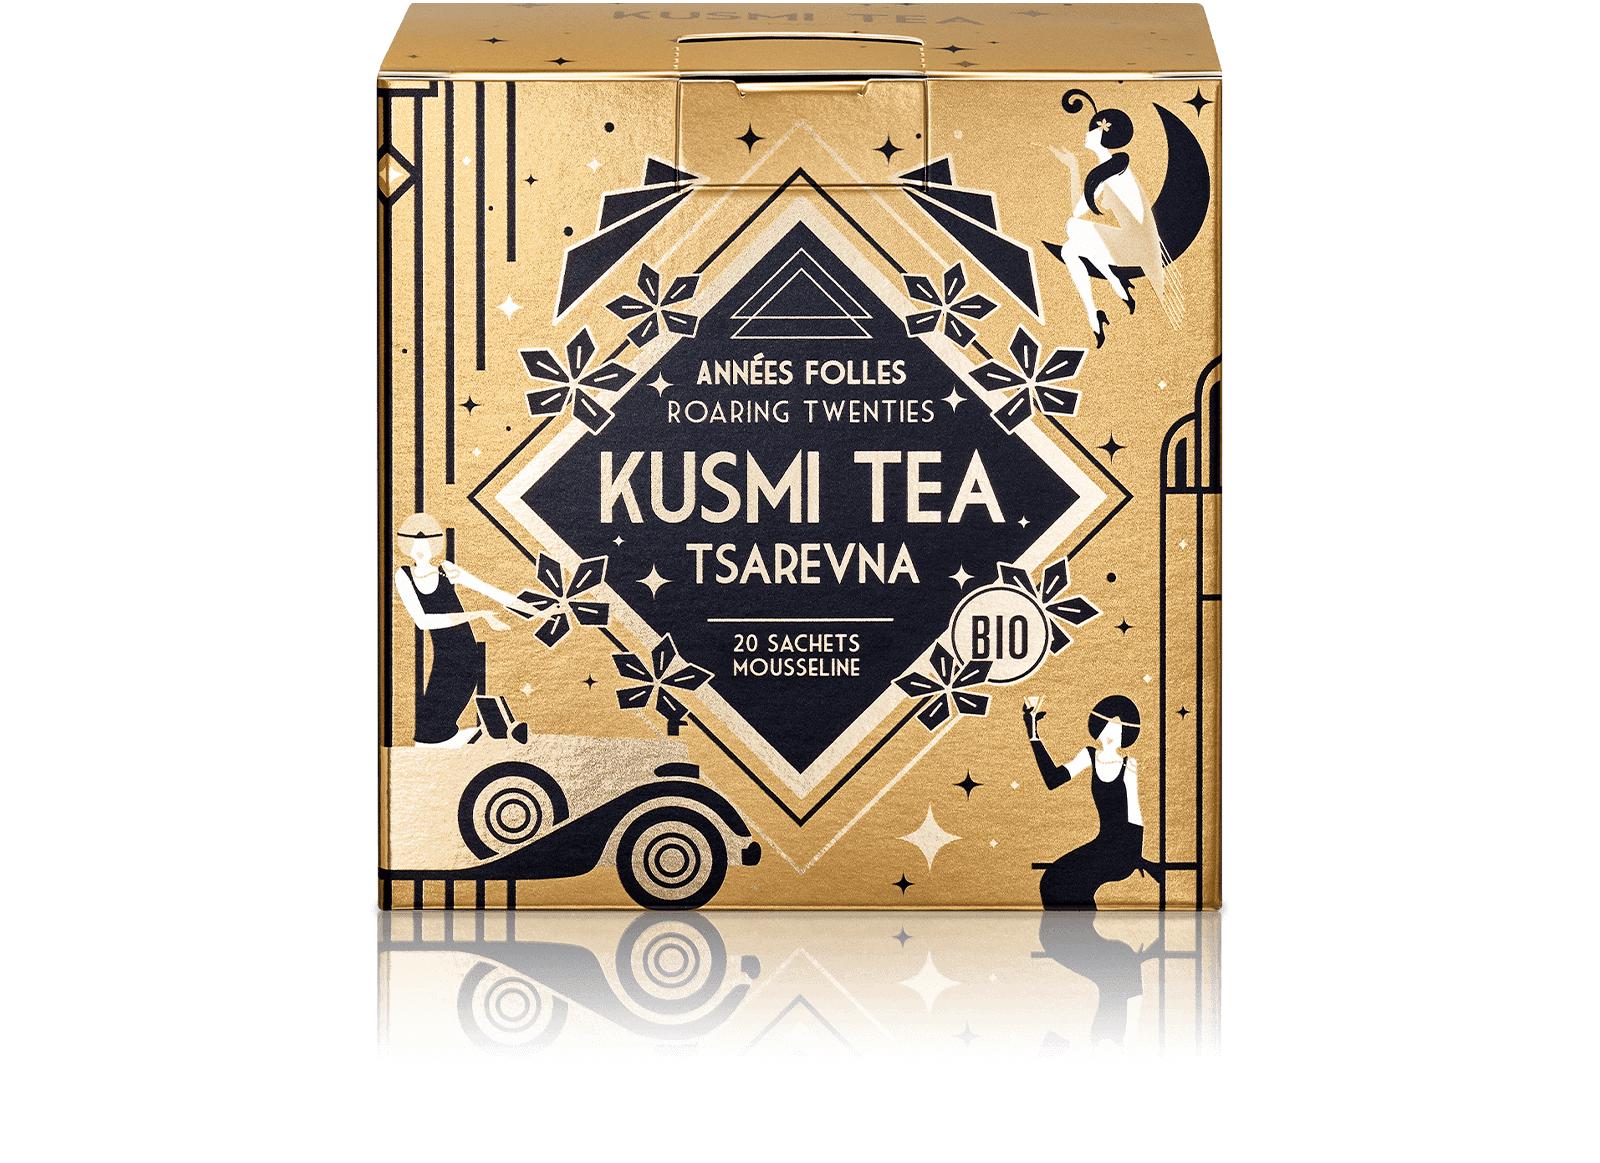 KUSMI TEA Tsarevna Bio - Mélange aromatisé de thé noir, orange et épices - Sachets de thé - Kusmi Tea